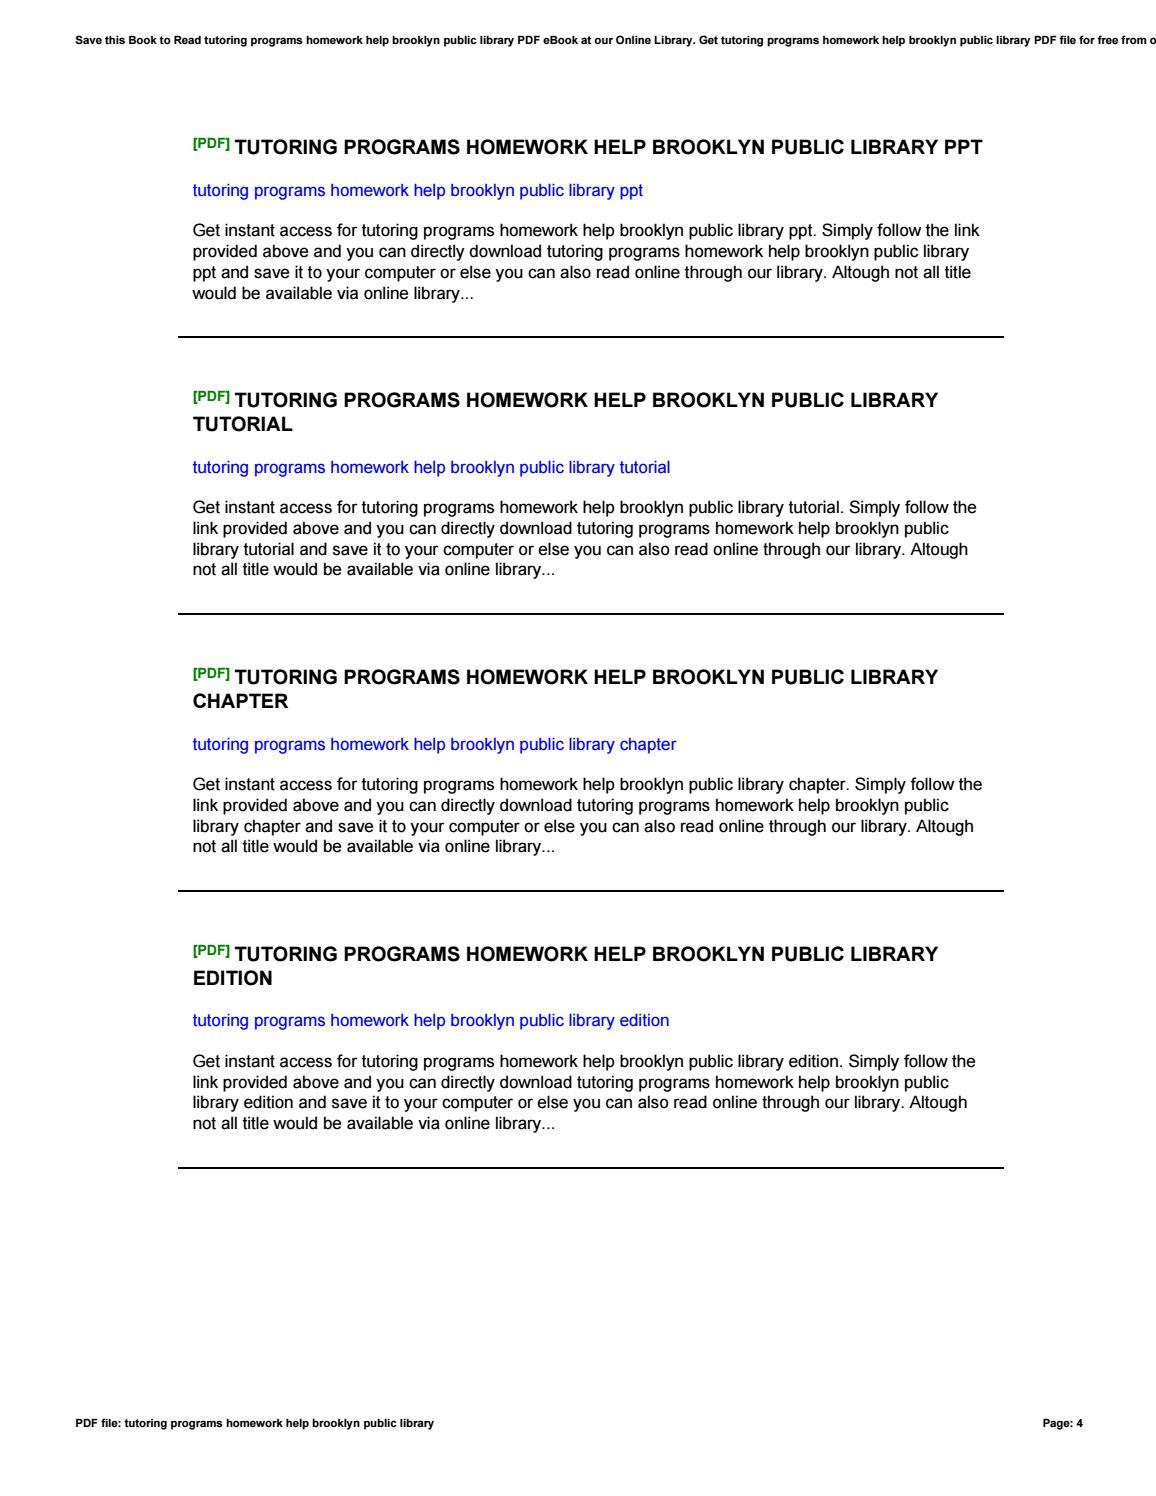 Research essay topics